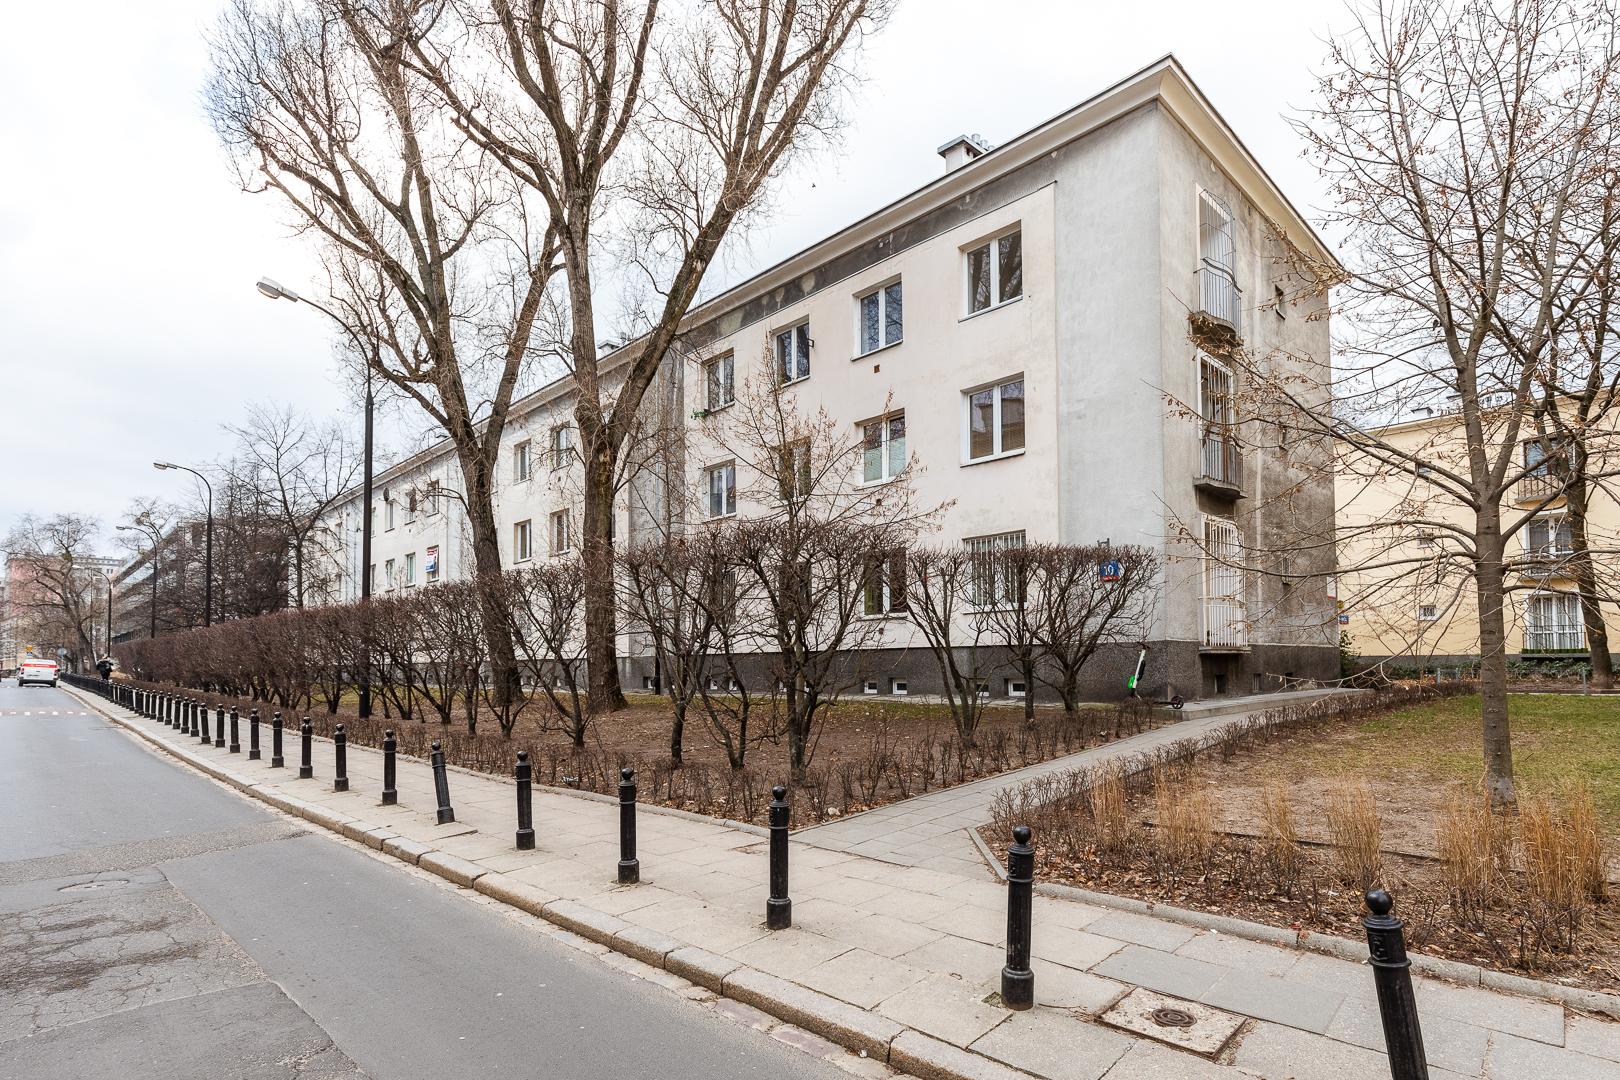 Exterior at Franciszkaska 10 Apartment